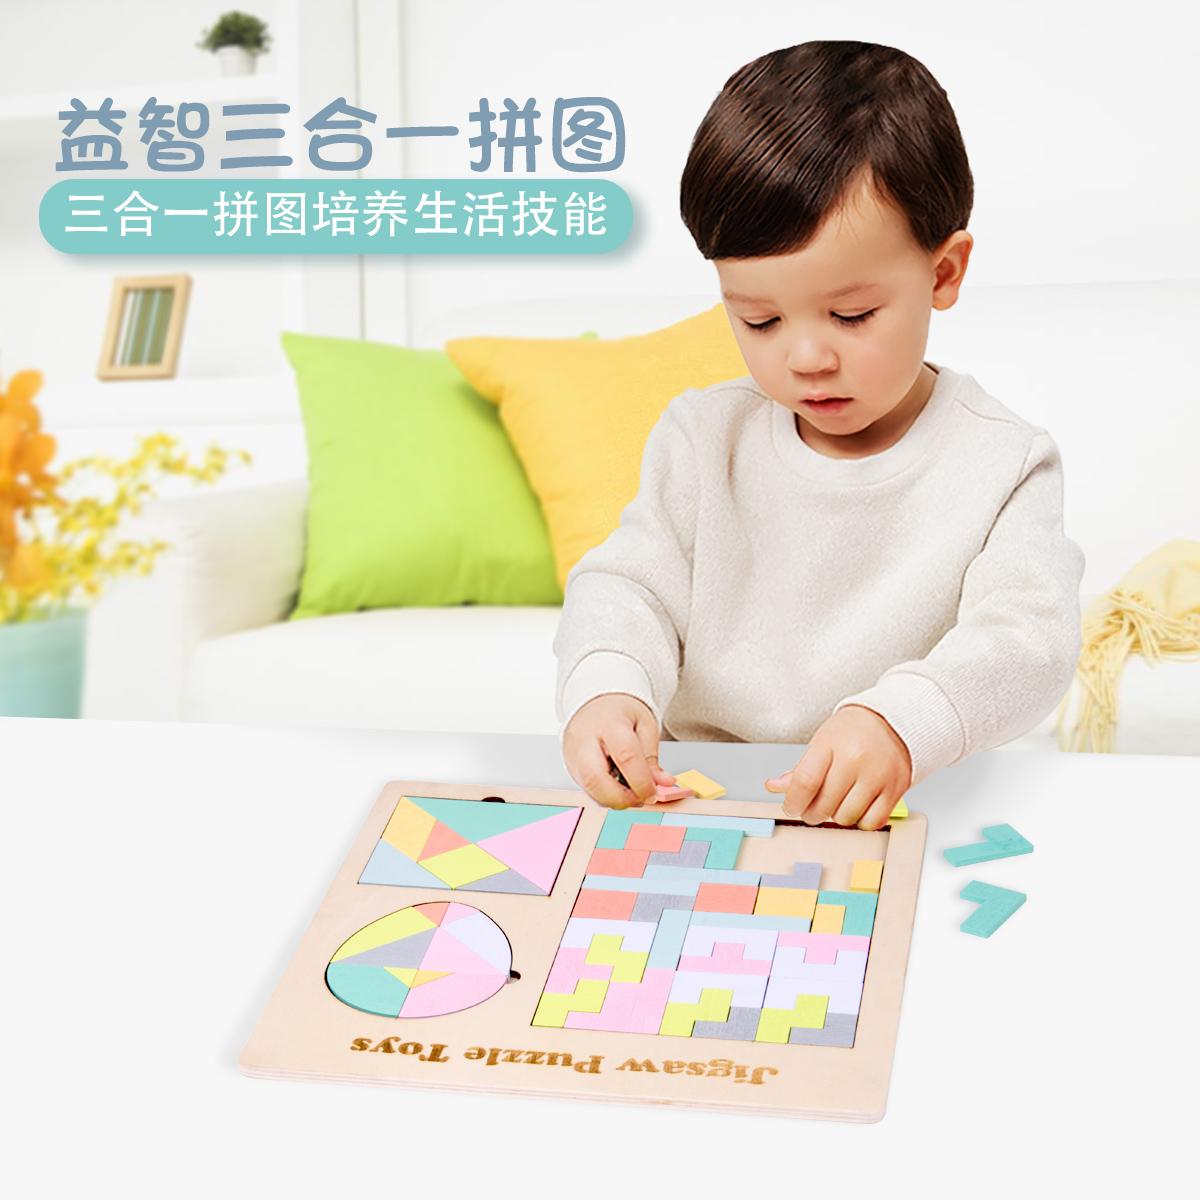 七巧板智力拼图1-2岁俄罗斯方块三合一3儿童益智早教积木男女宝宝